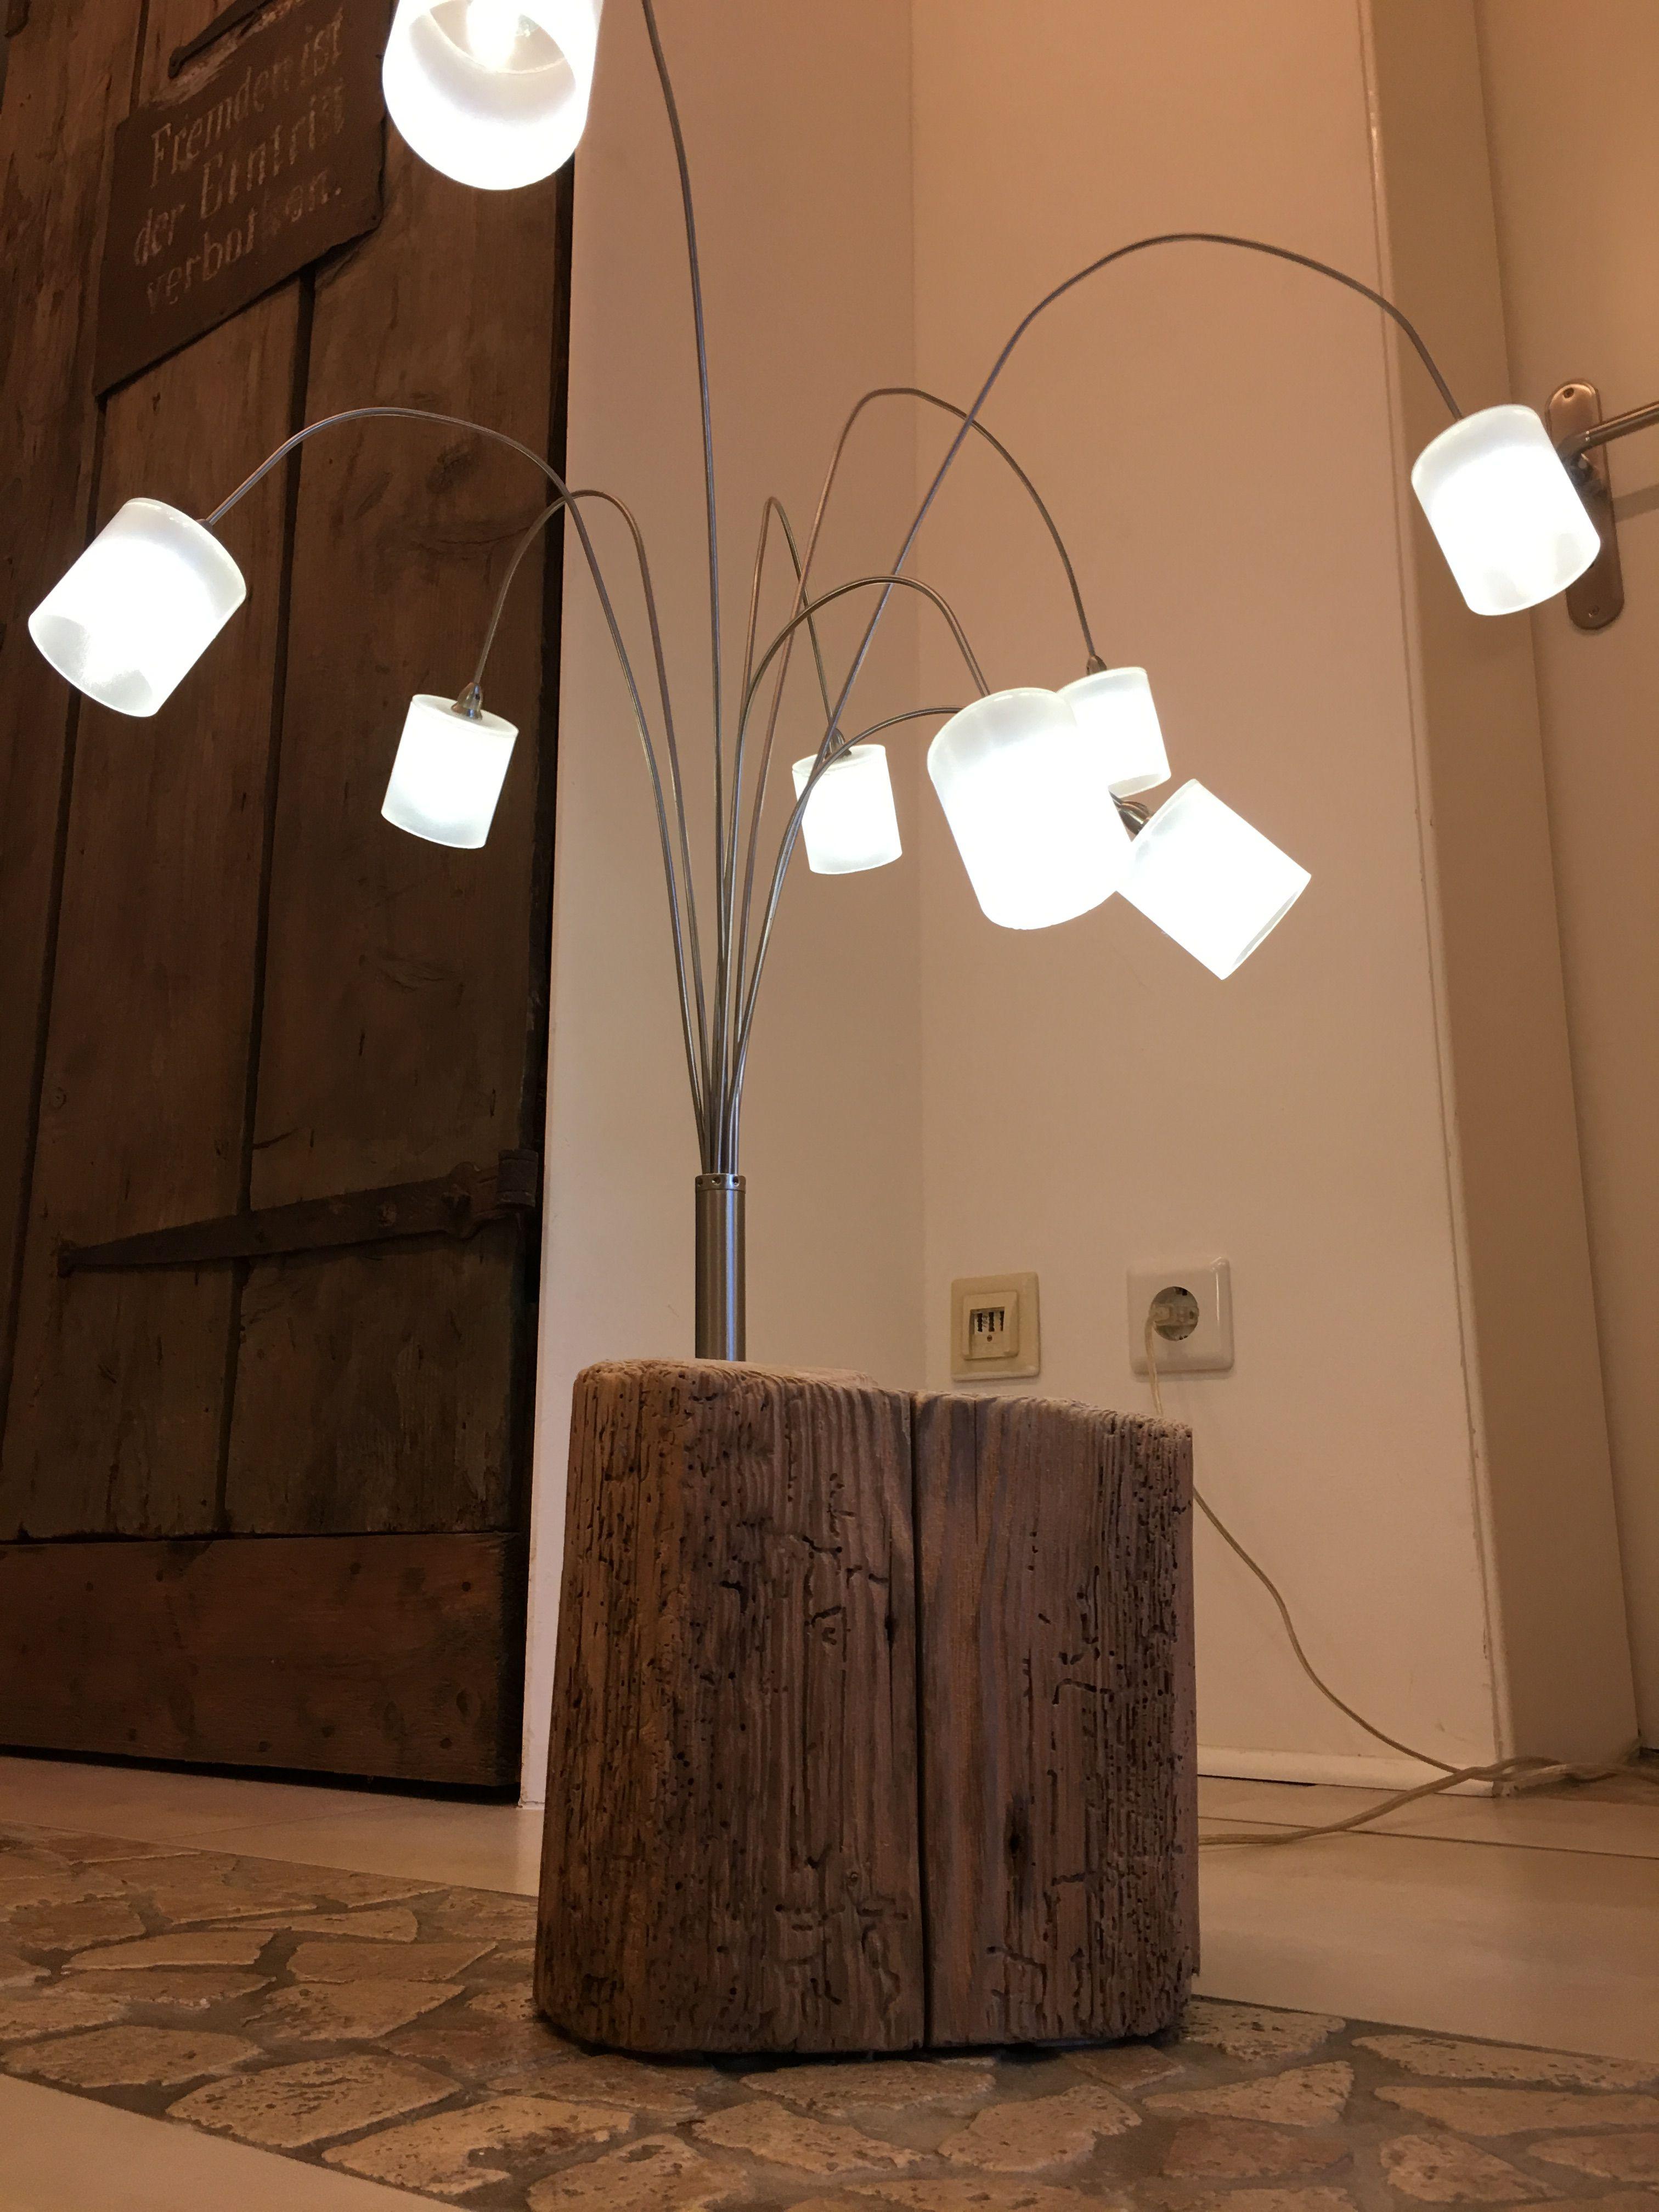 GroBartig LED Tisch Leuchte Mit 8 Beweglichen Edelstahl Lampen Und Milchglas  Lampenschirm Mit Fuß Aus Altholz